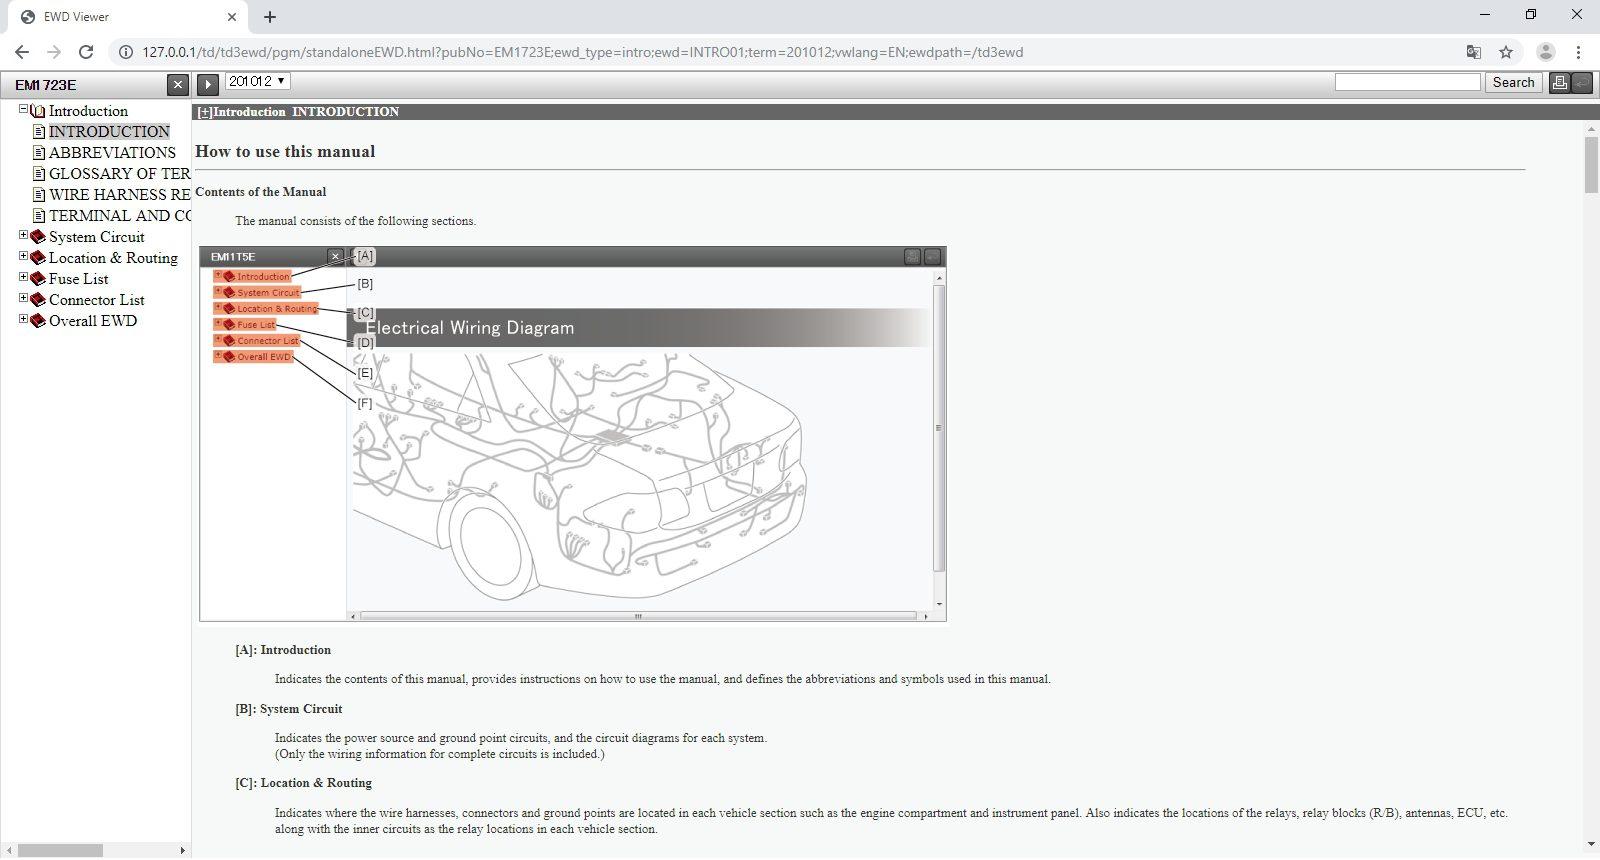 Lexus_EWD_2004-2018_HTML_ENG_2